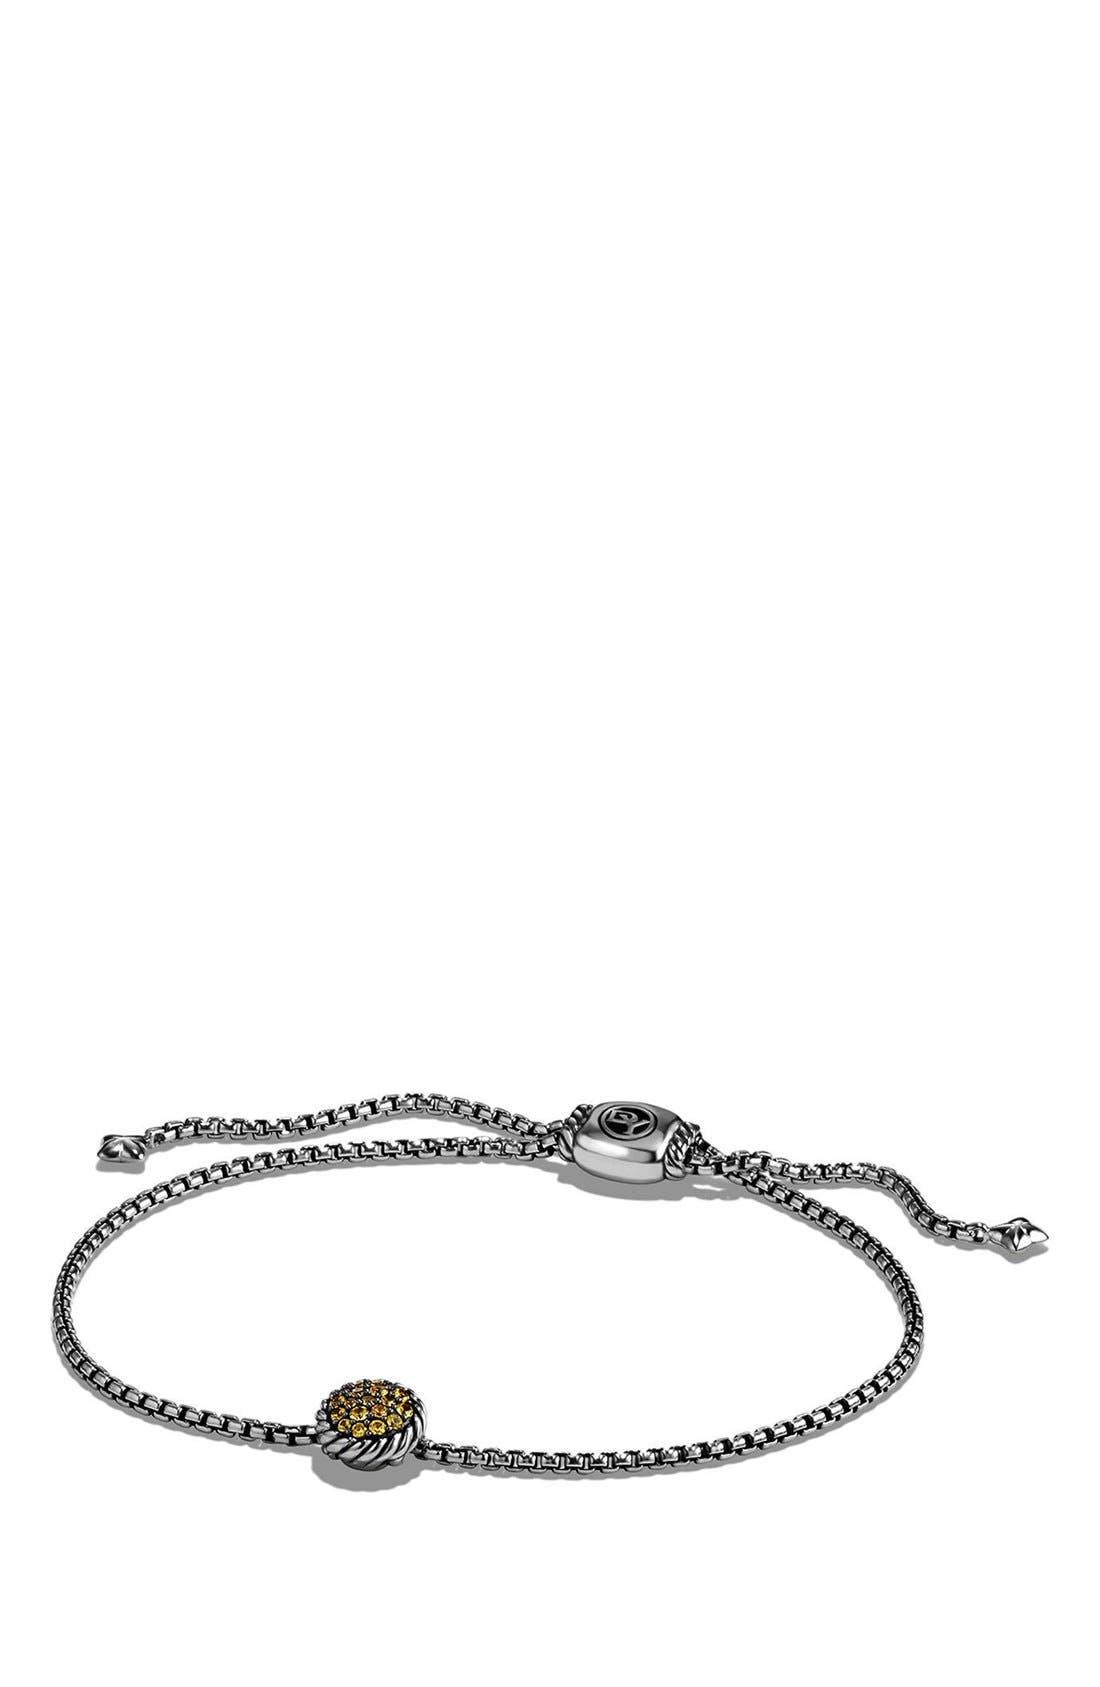 DAVID YURMAN 'Châtelaine' Petite Bracelet